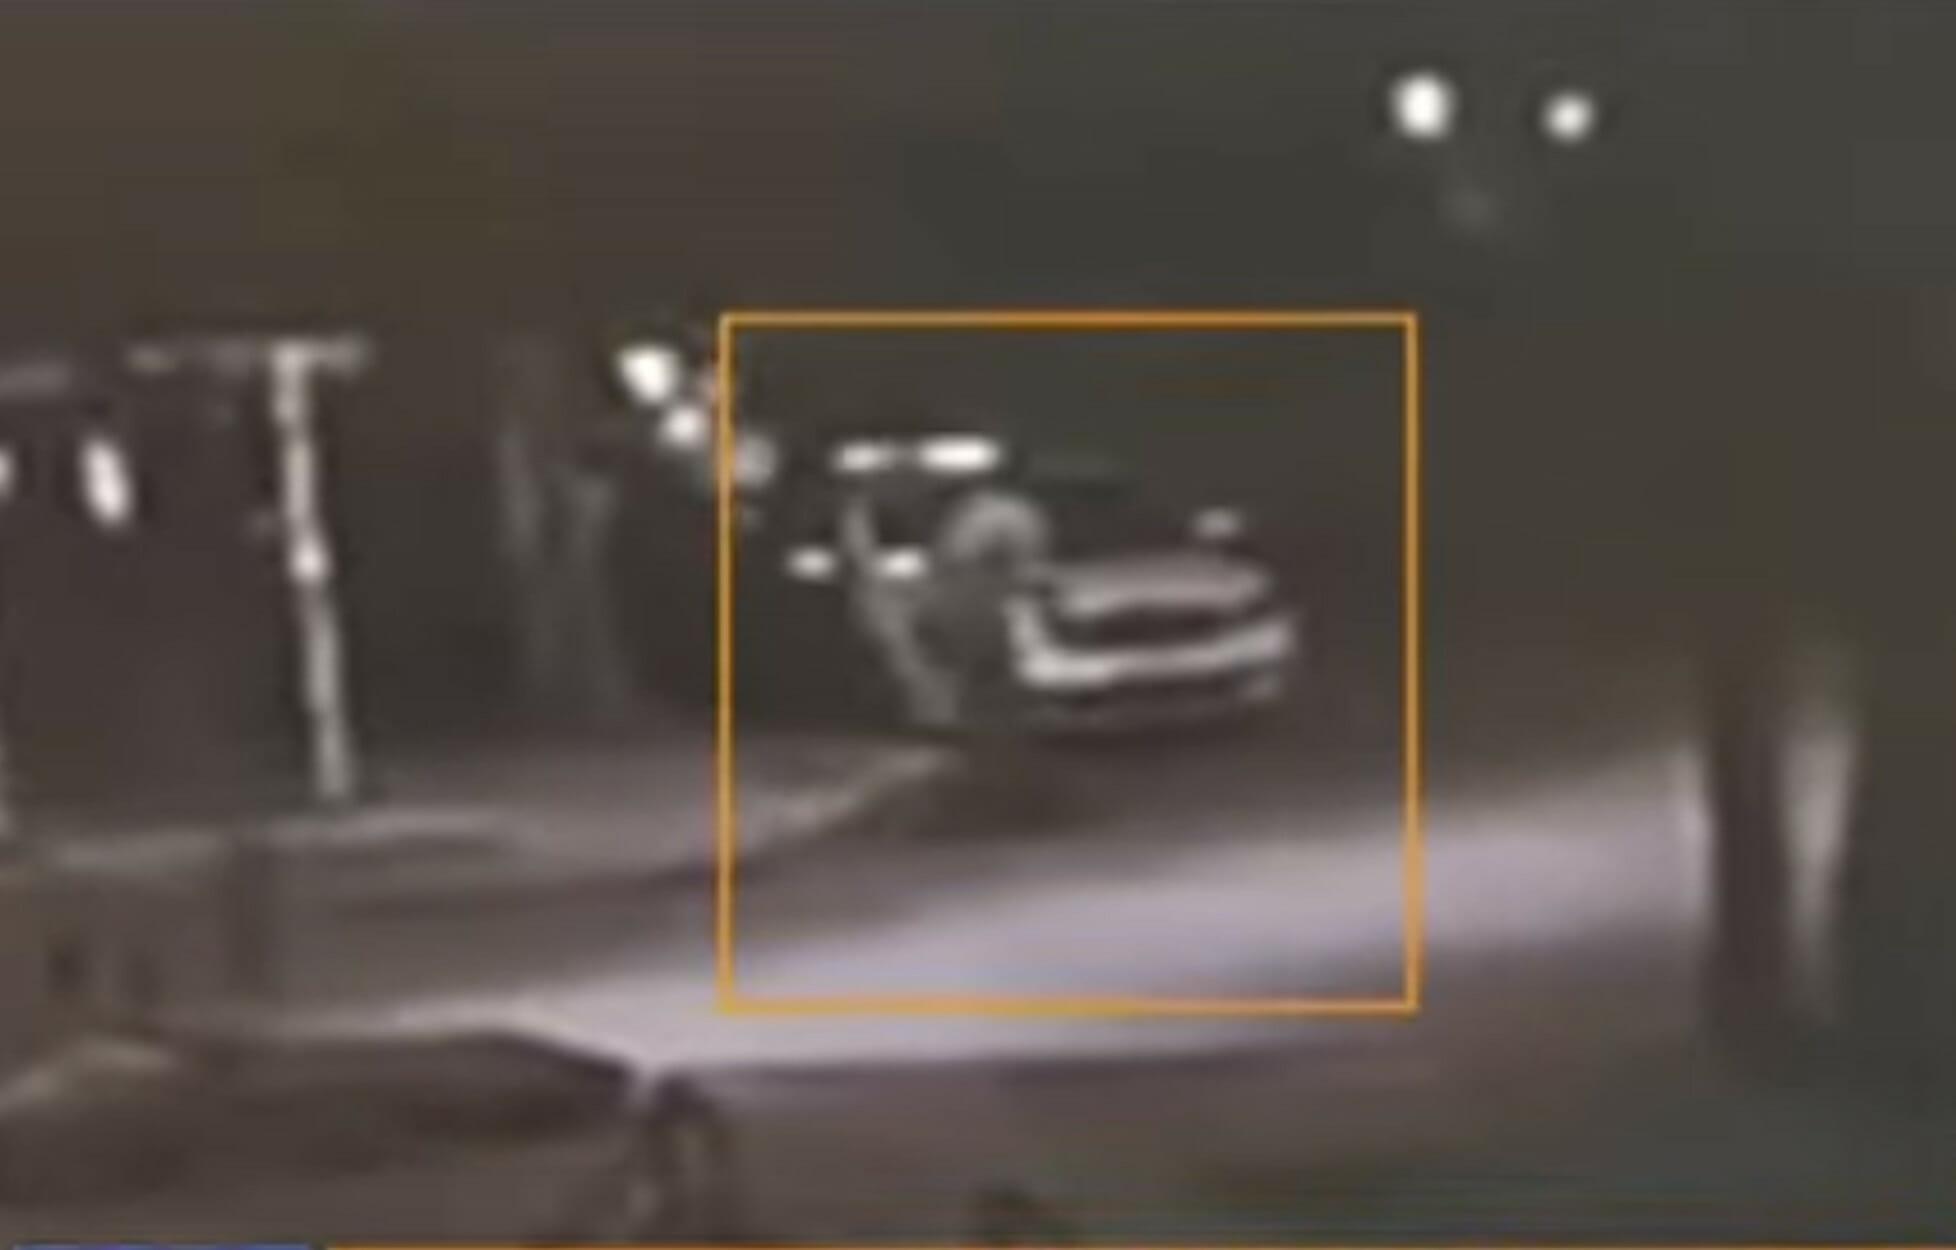 Επαναστατική Αυτοάμυνα: Νέο βίντεο - ντοκουμέντο με τον καταζητούμενο τρομοκράτη λιγες ώρες μετά την ληστεία στον Χολαργό